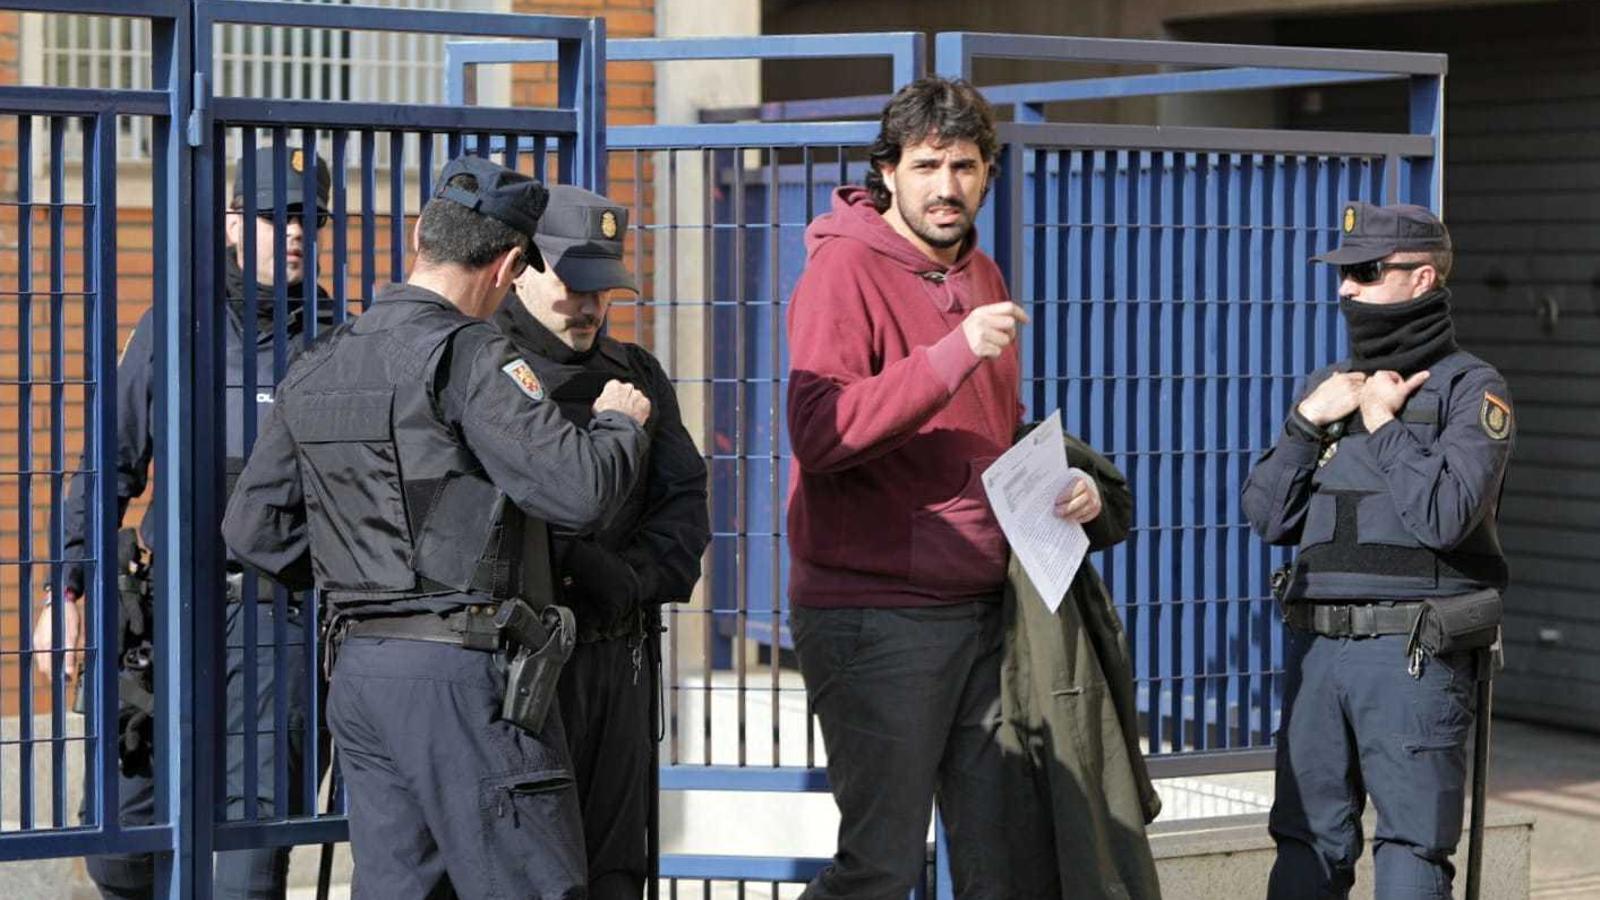 L'alcalde de Verges, Ignasi Sabater, al sortir de la comissaria de la Policia Nacional de Girona